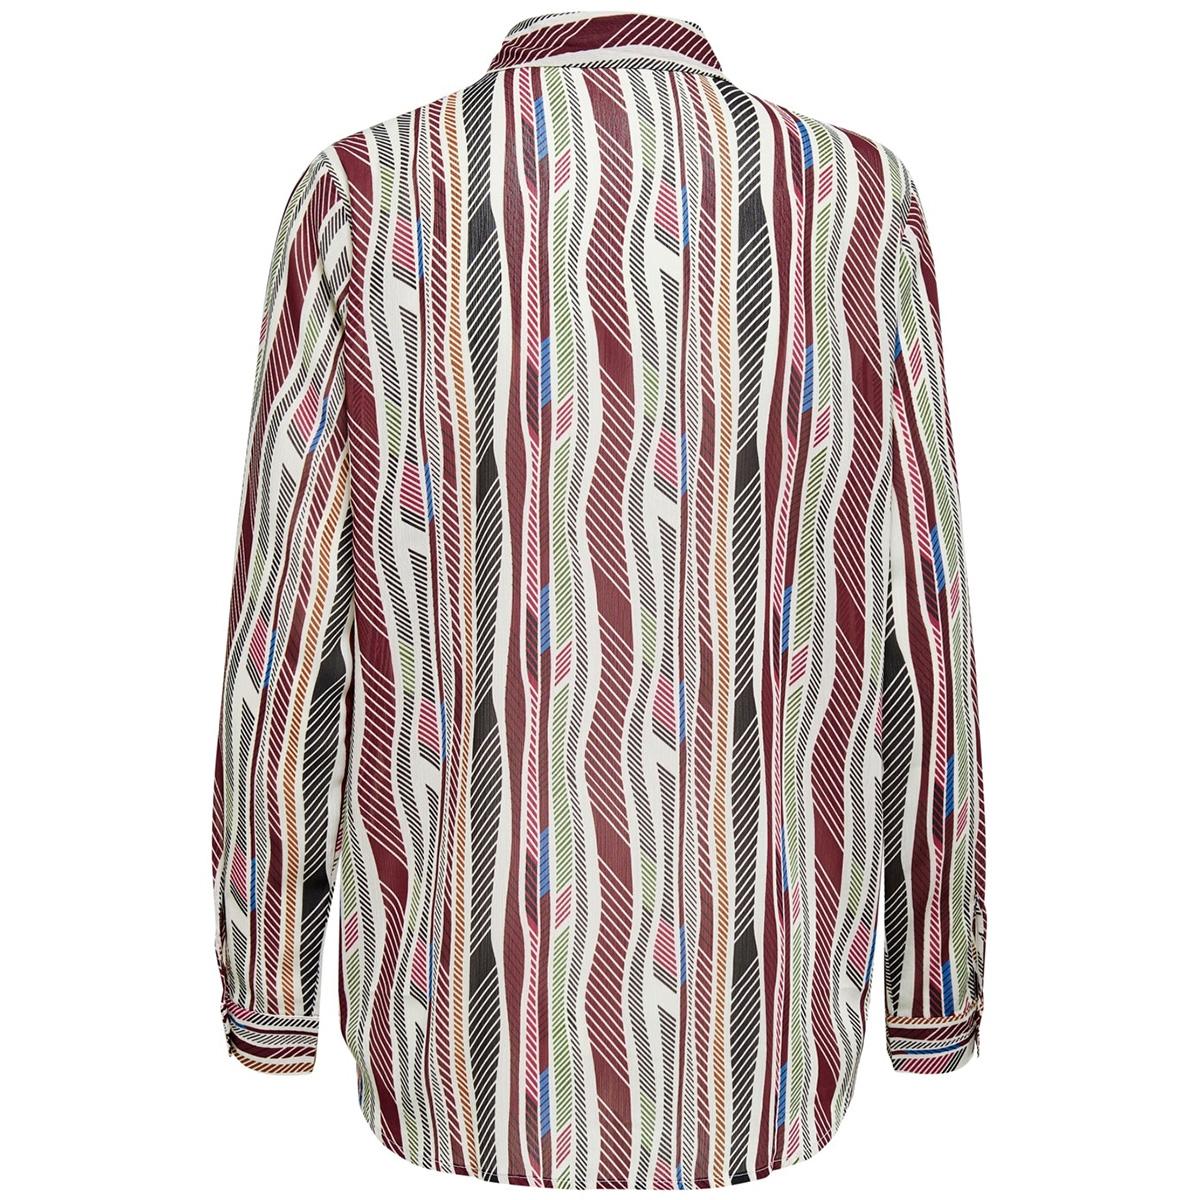 jdysolis l/s shirt wvn 15206758 jacqueline de yong blouse cloud dancer/multicolor